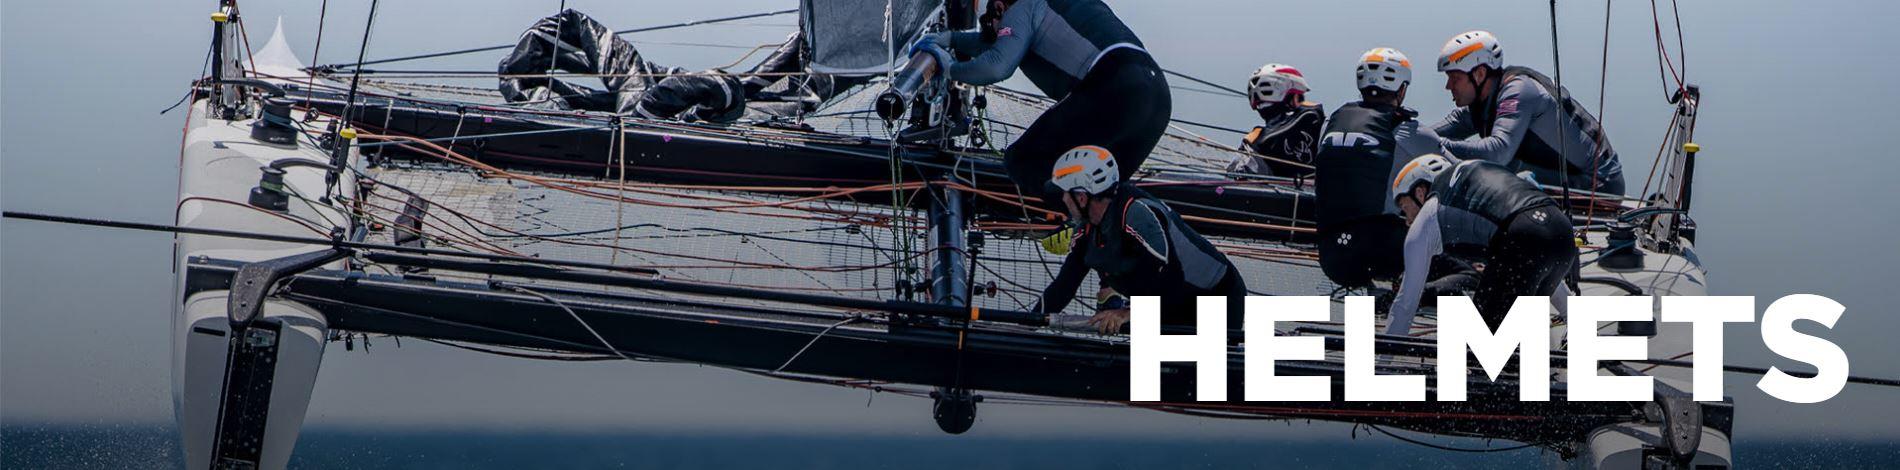 קסדות גלישה ושייט -   North Wind sea sports